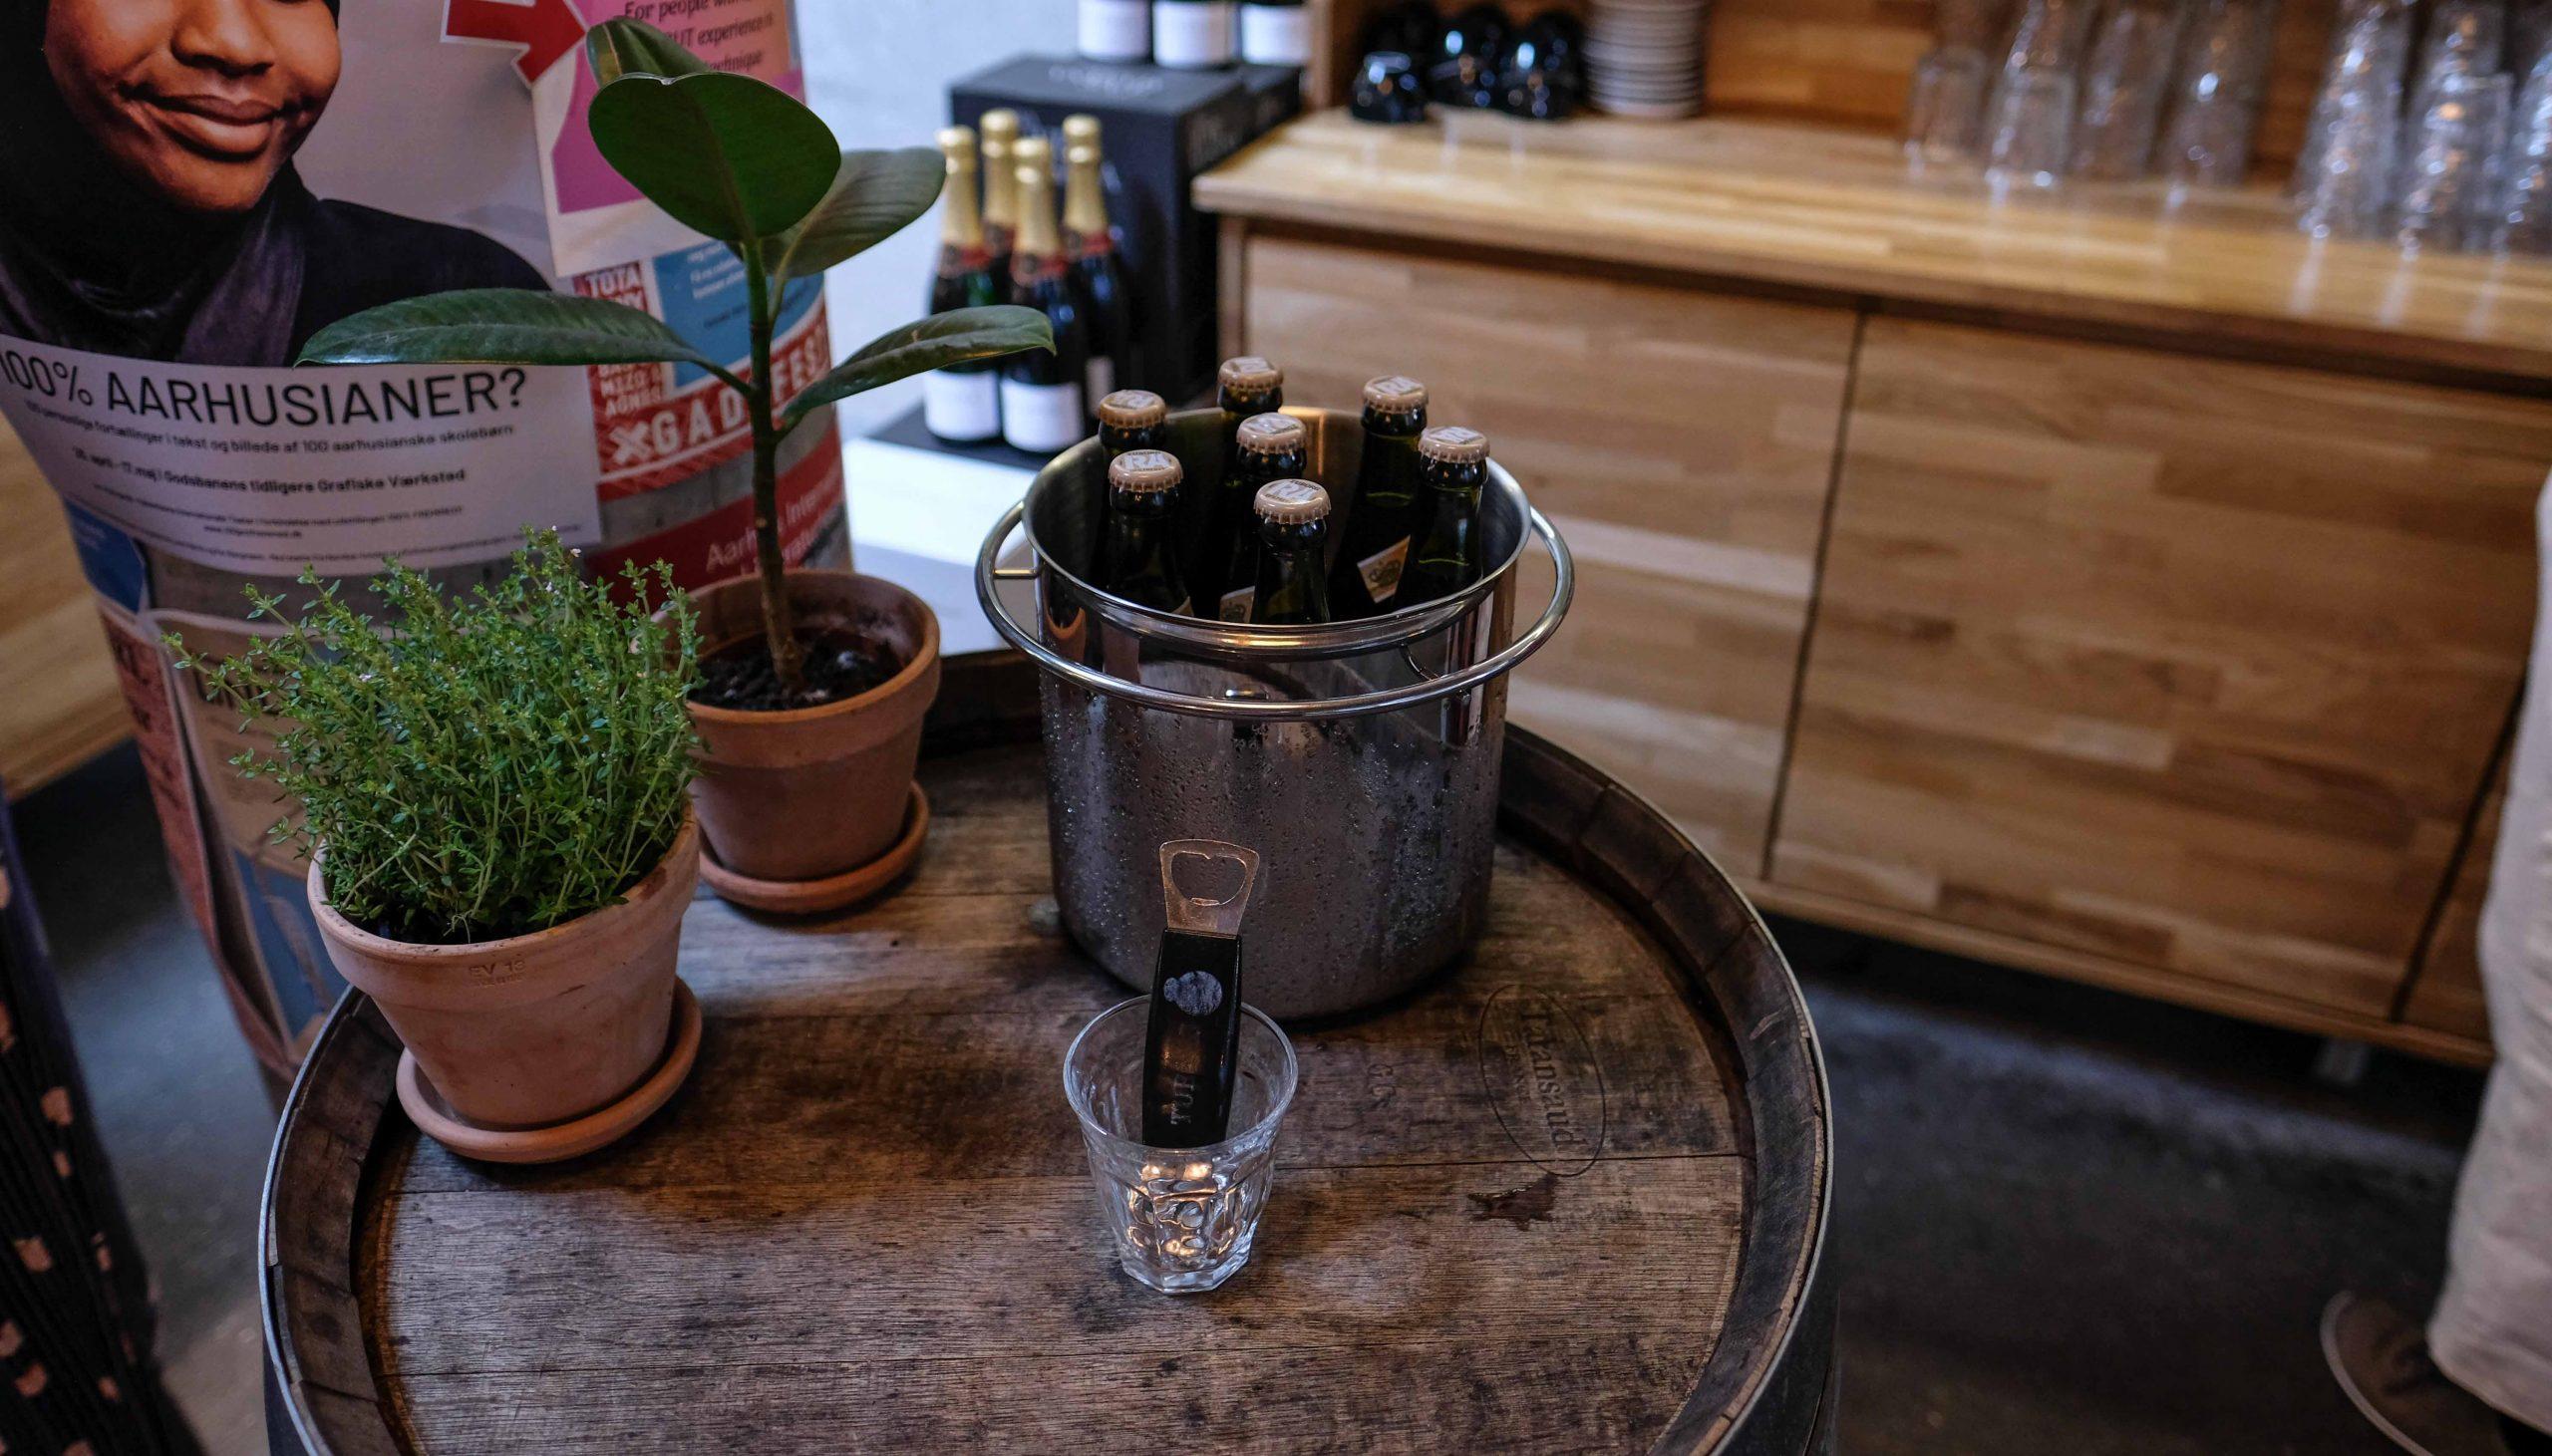 En ægte hverdagsrestaurant: Spiselauget samler familien Aarhus i noget så ukompliceret som et tag selv-bord